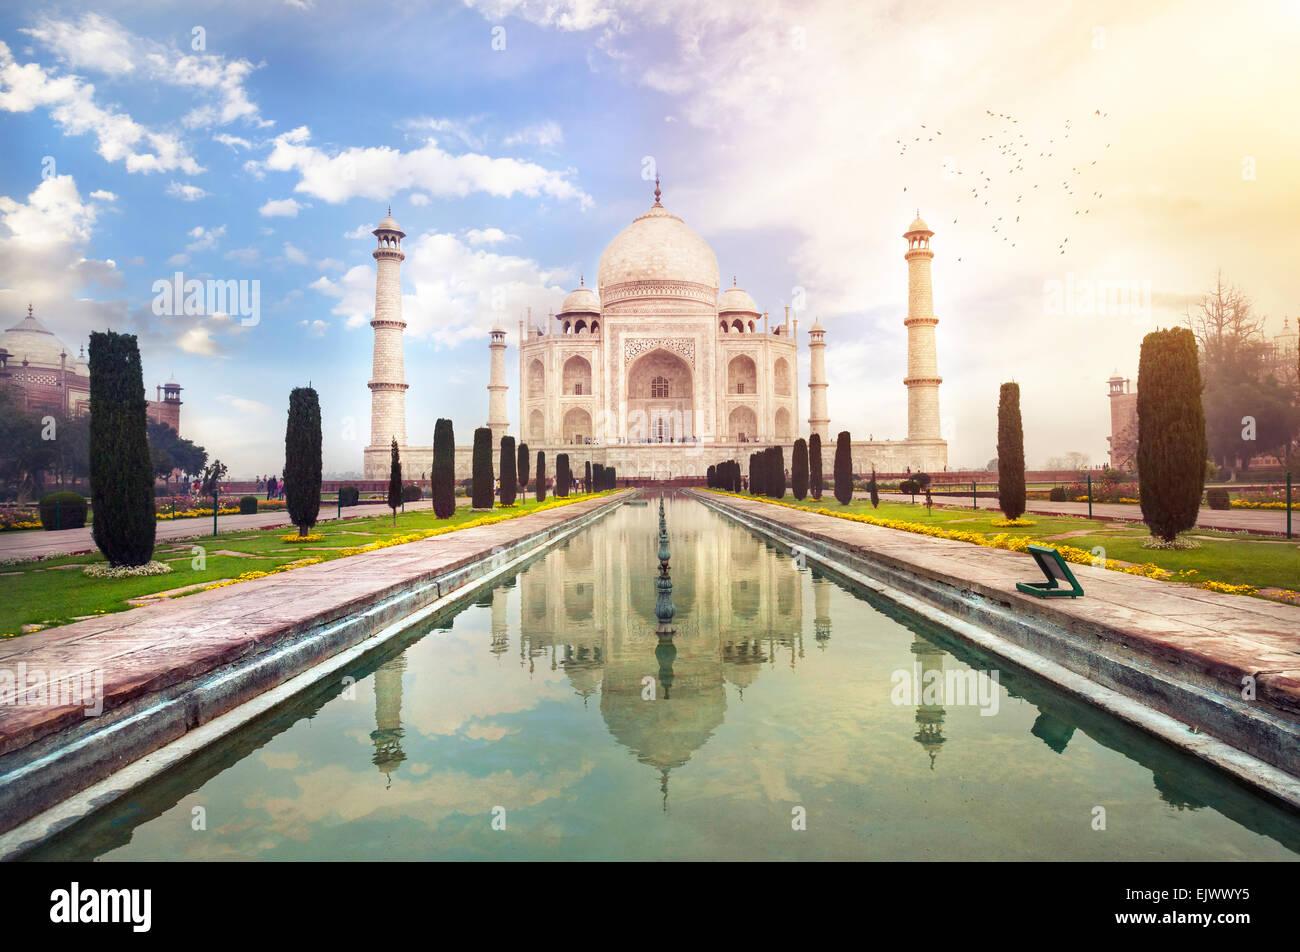 Taj Mahal tomba con la riflessione in acqua in blu cielo drammatico in Agra, Uttar Pradesh, India Immagini Stock